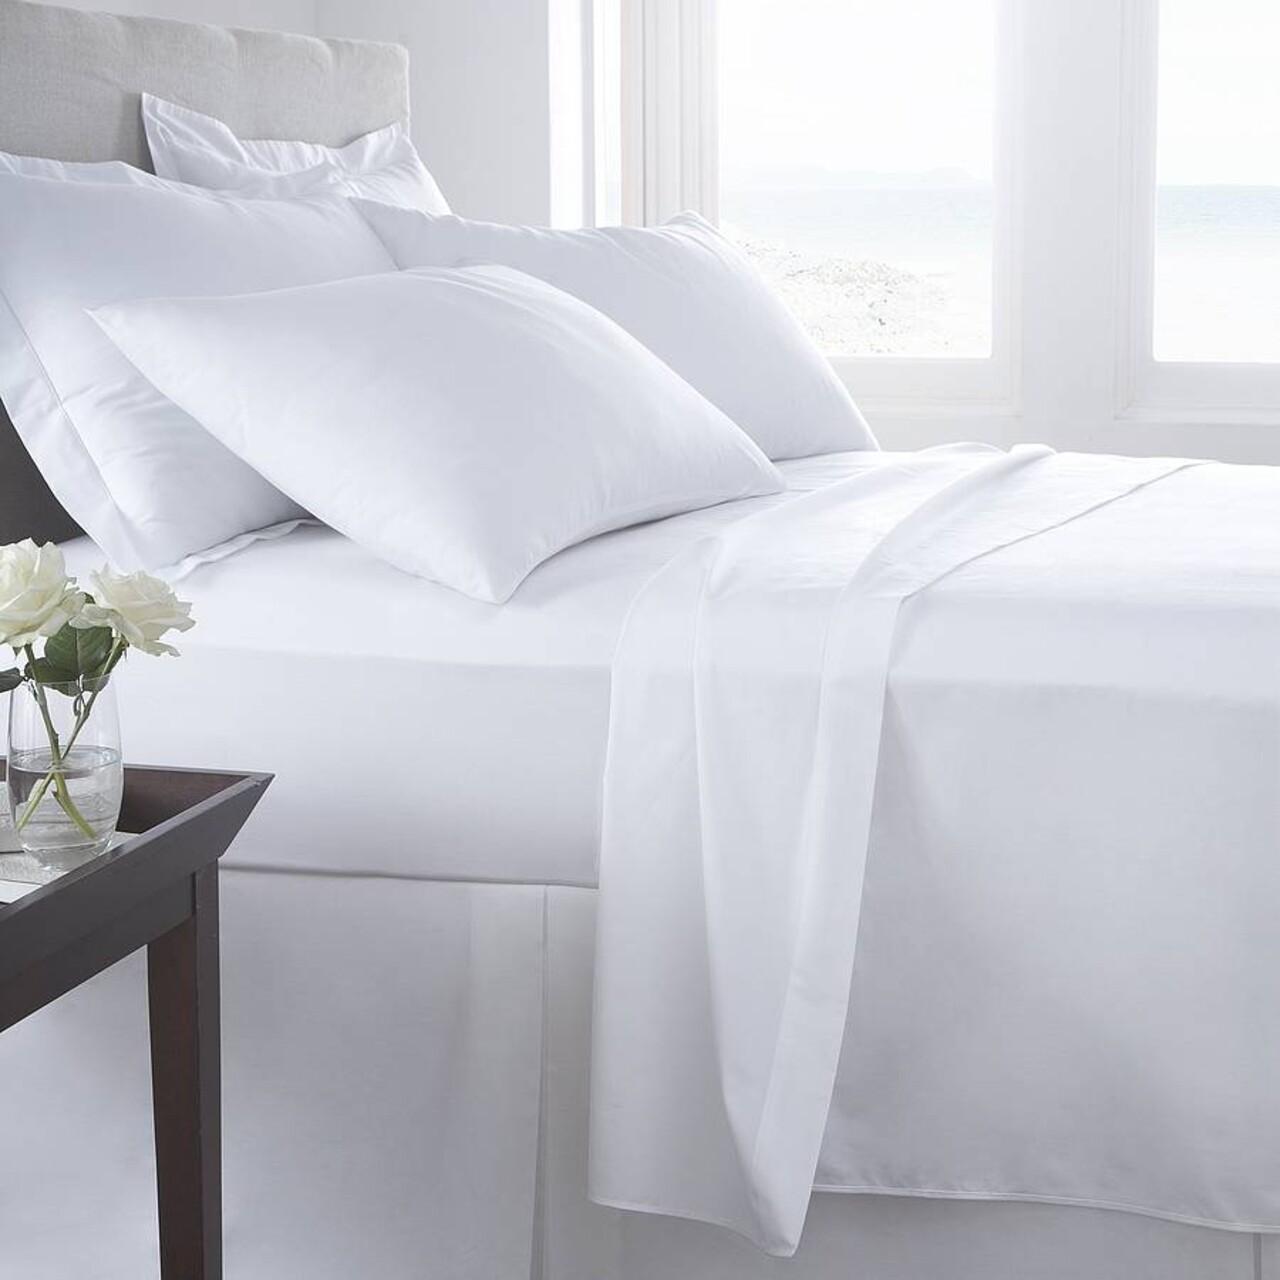 Lenjerie de pat pentru o persoana, Boutique Percale, 3 piese, policoton, TC 200, 130 g/mp, alb